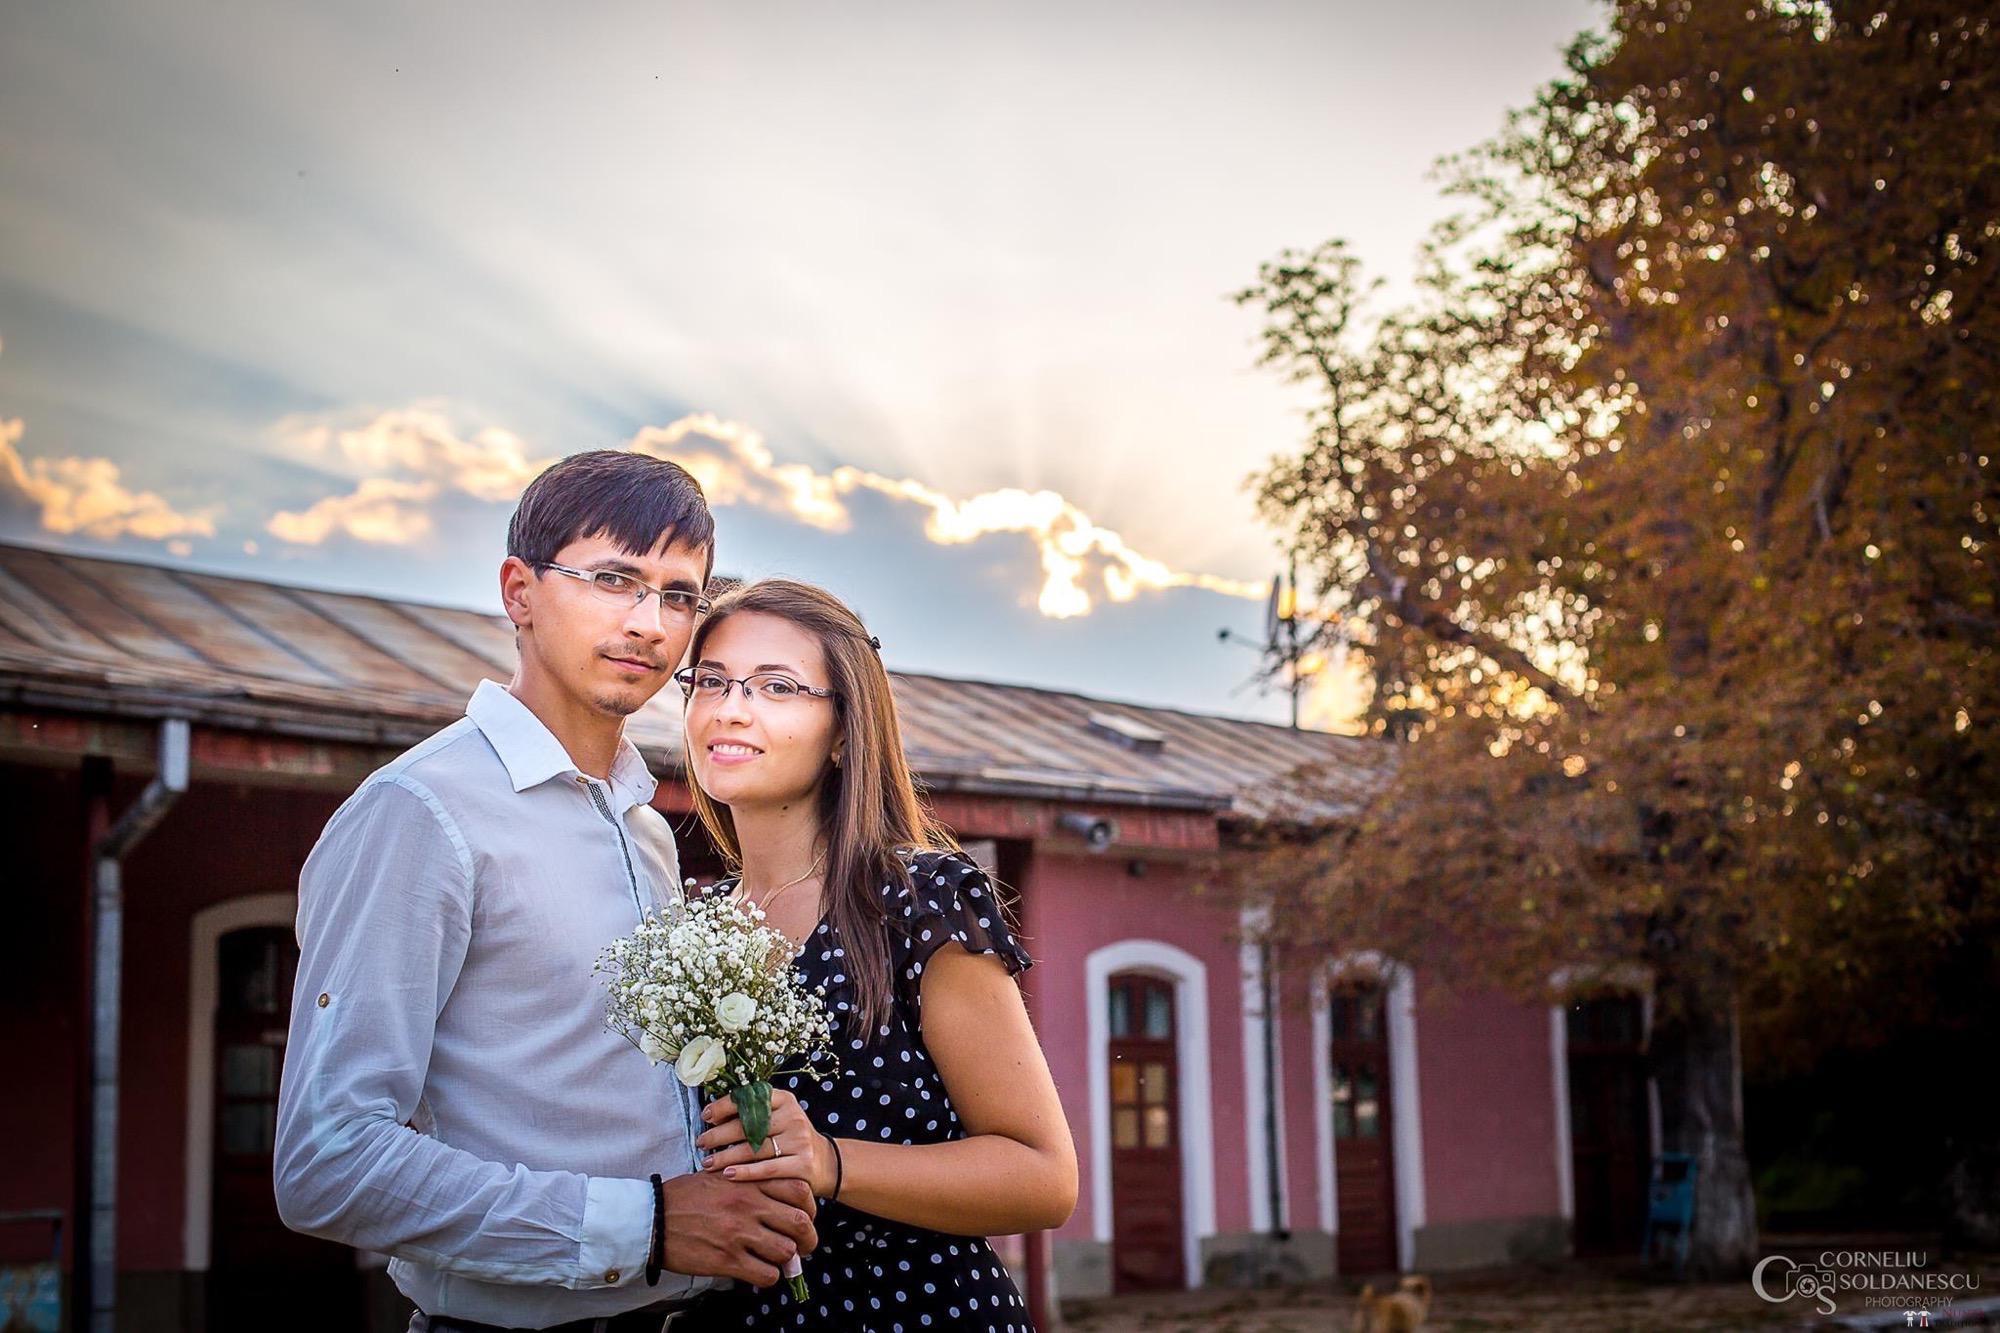 Povești Nunți Tradiționale - Ioana-Alexandra și Bogdan-Vasile. Nuntă tradițională în Fălticeni 1